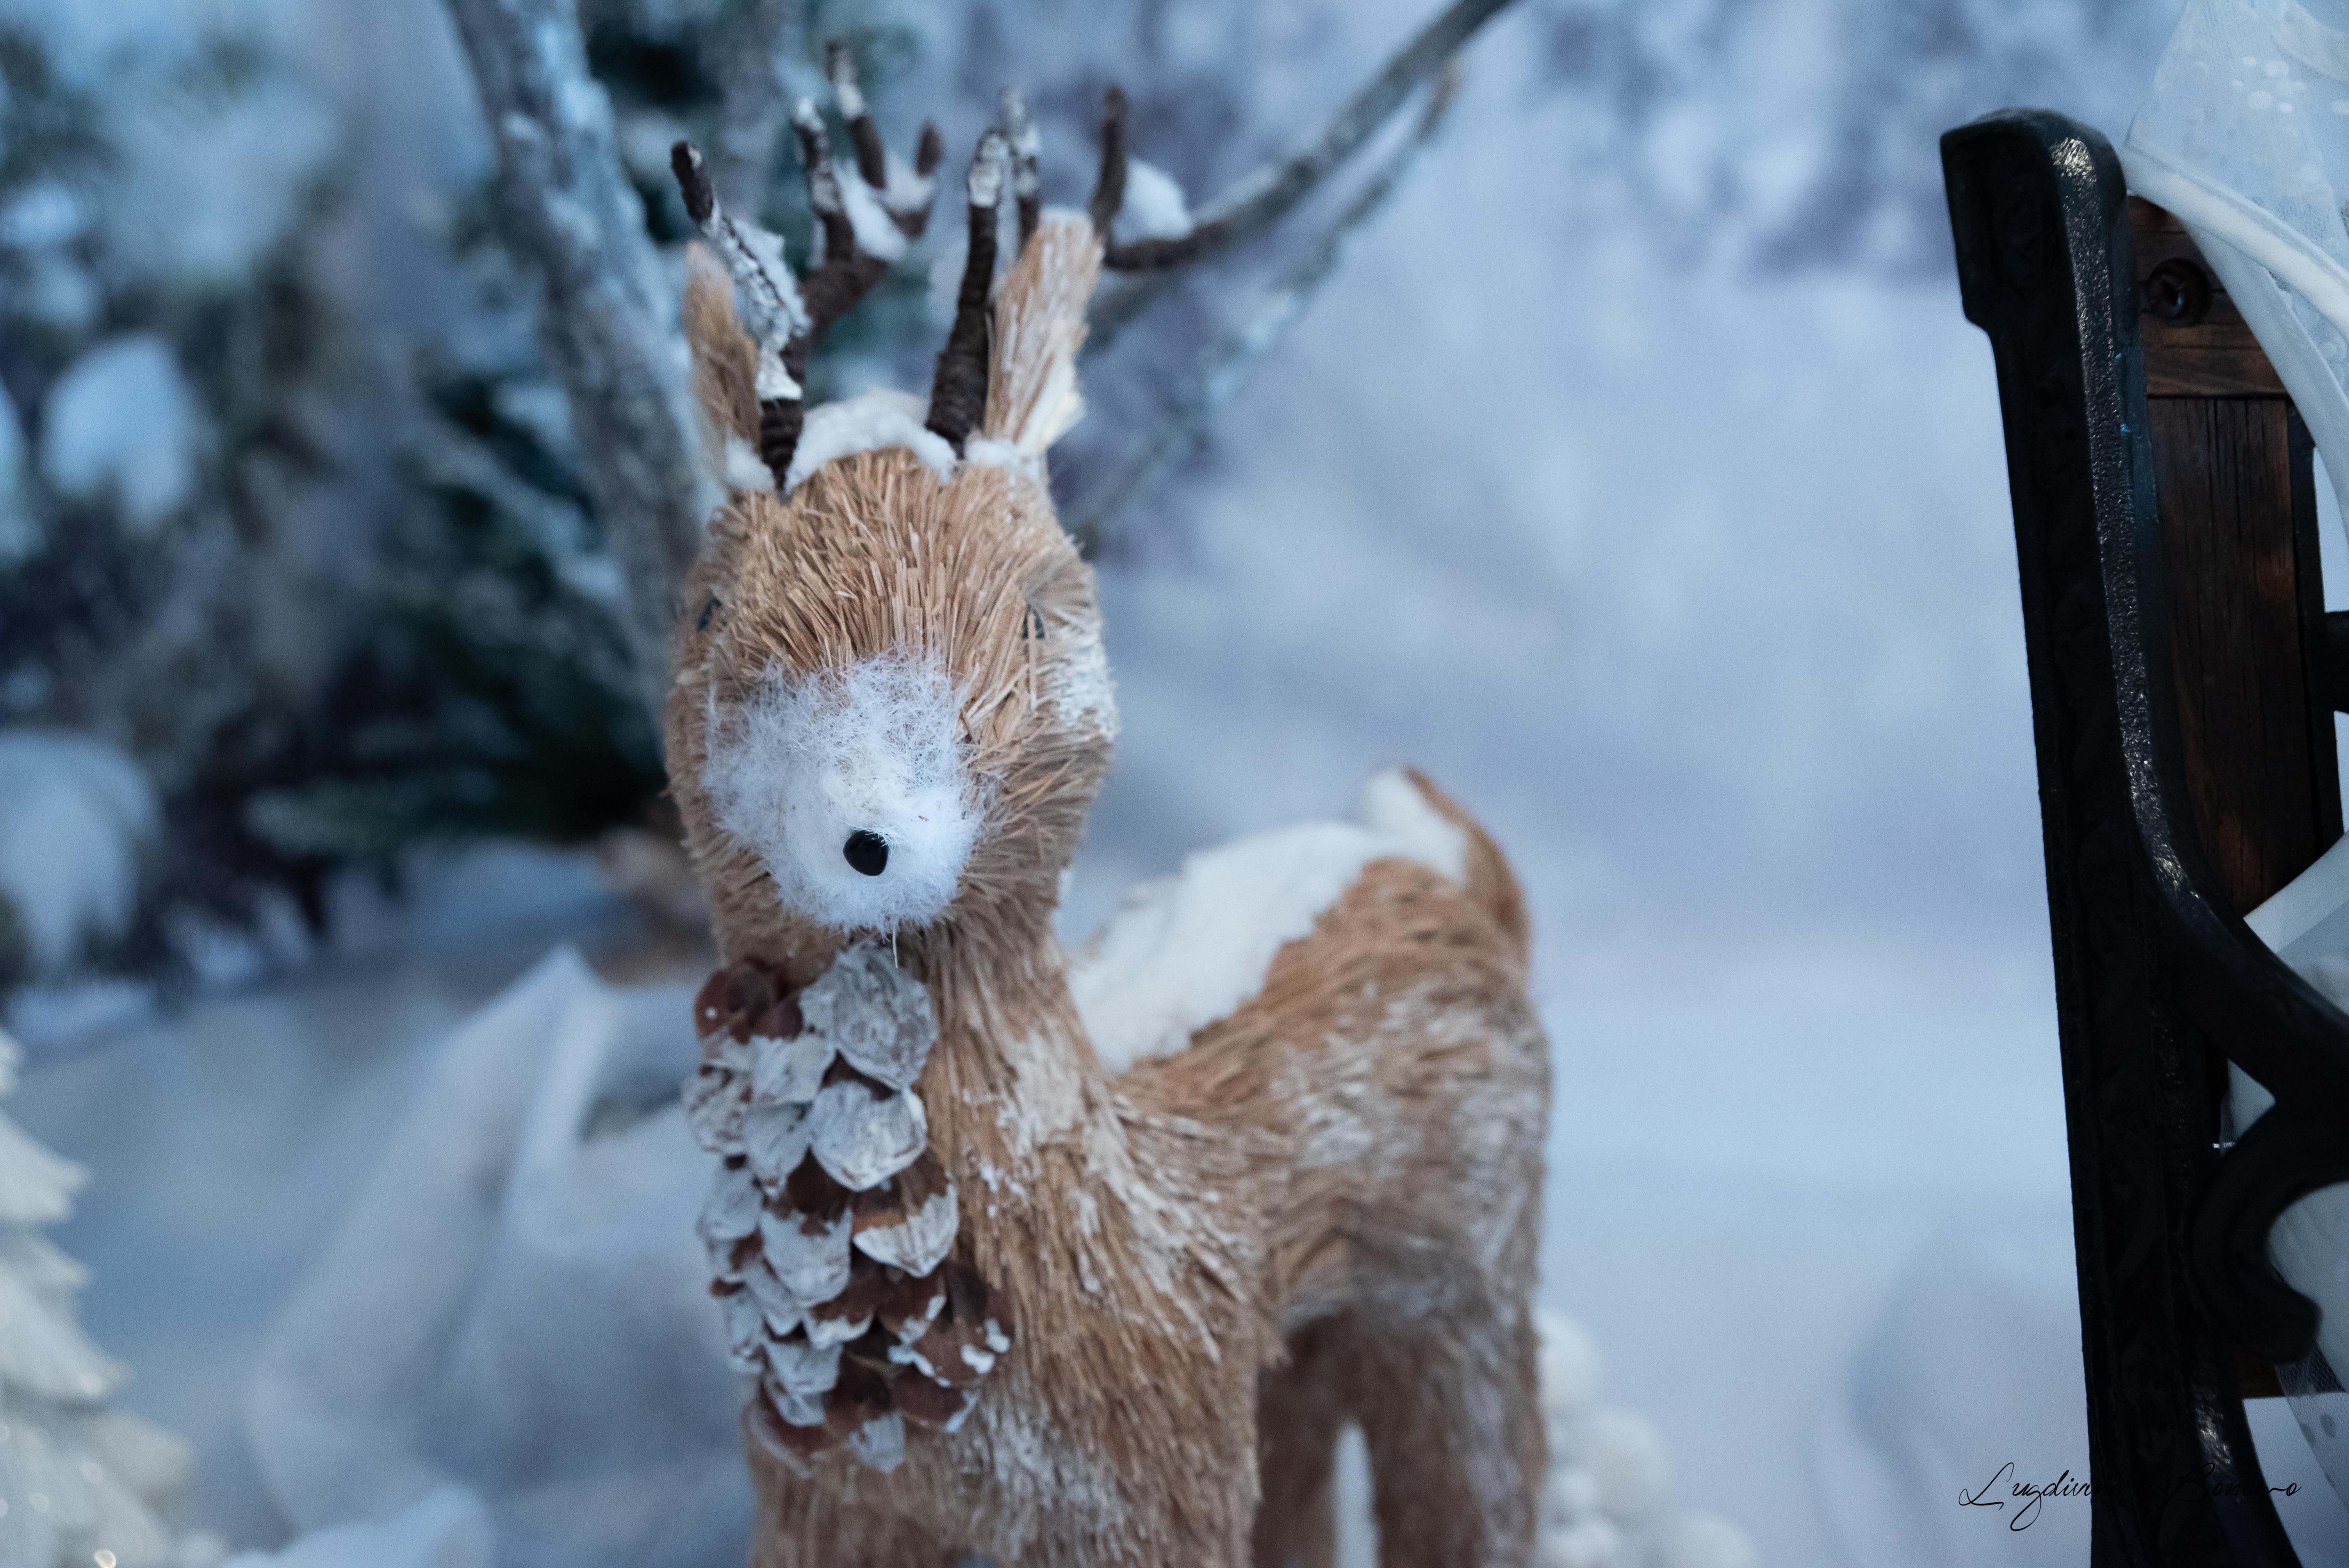 séance photo enfant noël neige 2019